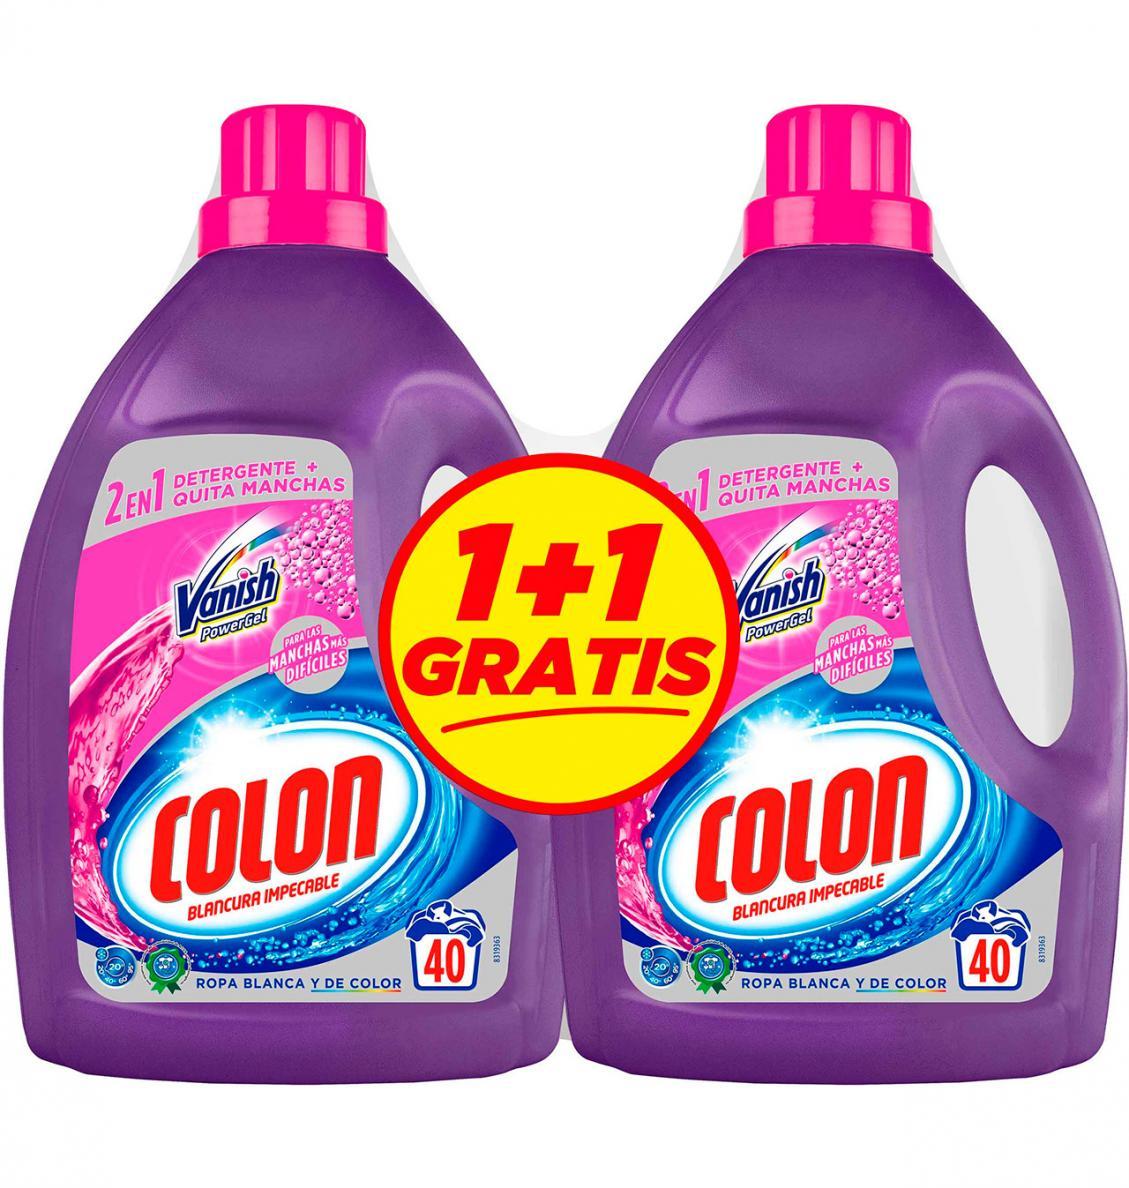 1+1 Gratis Detergente Colon Vanish 80 lavados